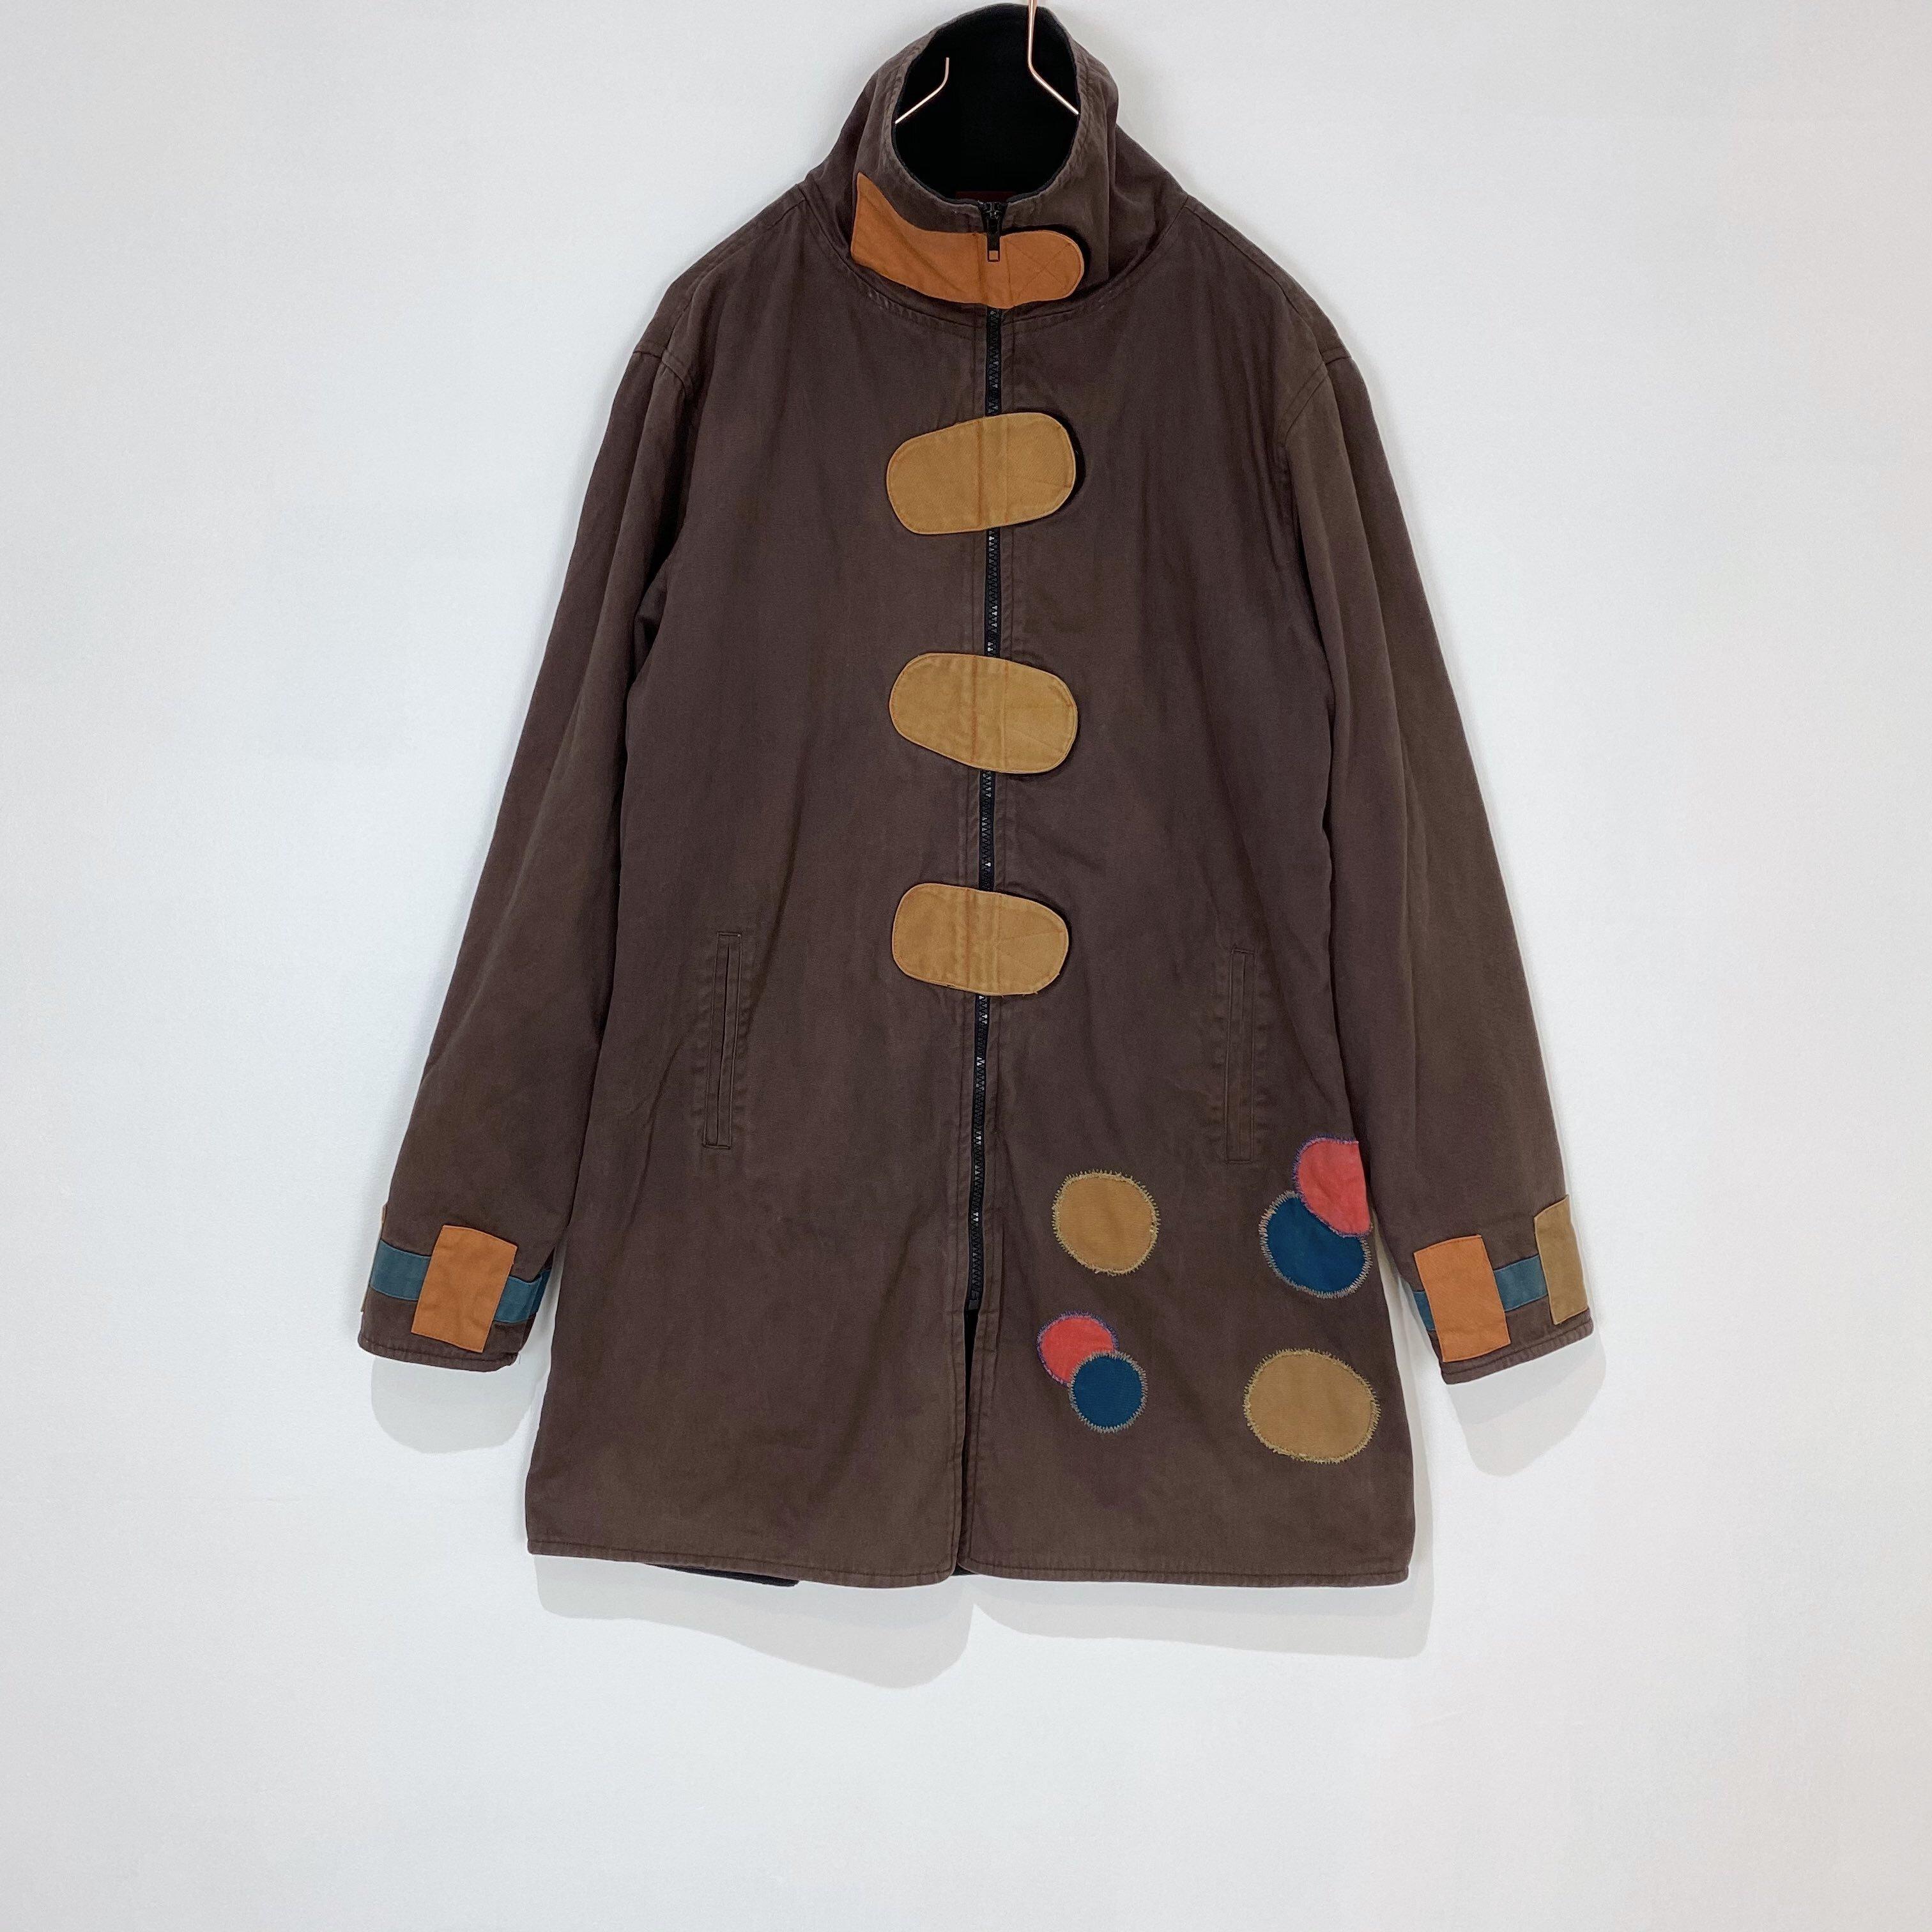 ◼︎80s vintage dots patchwork cotton × fleece zip coat from Finland◼︎